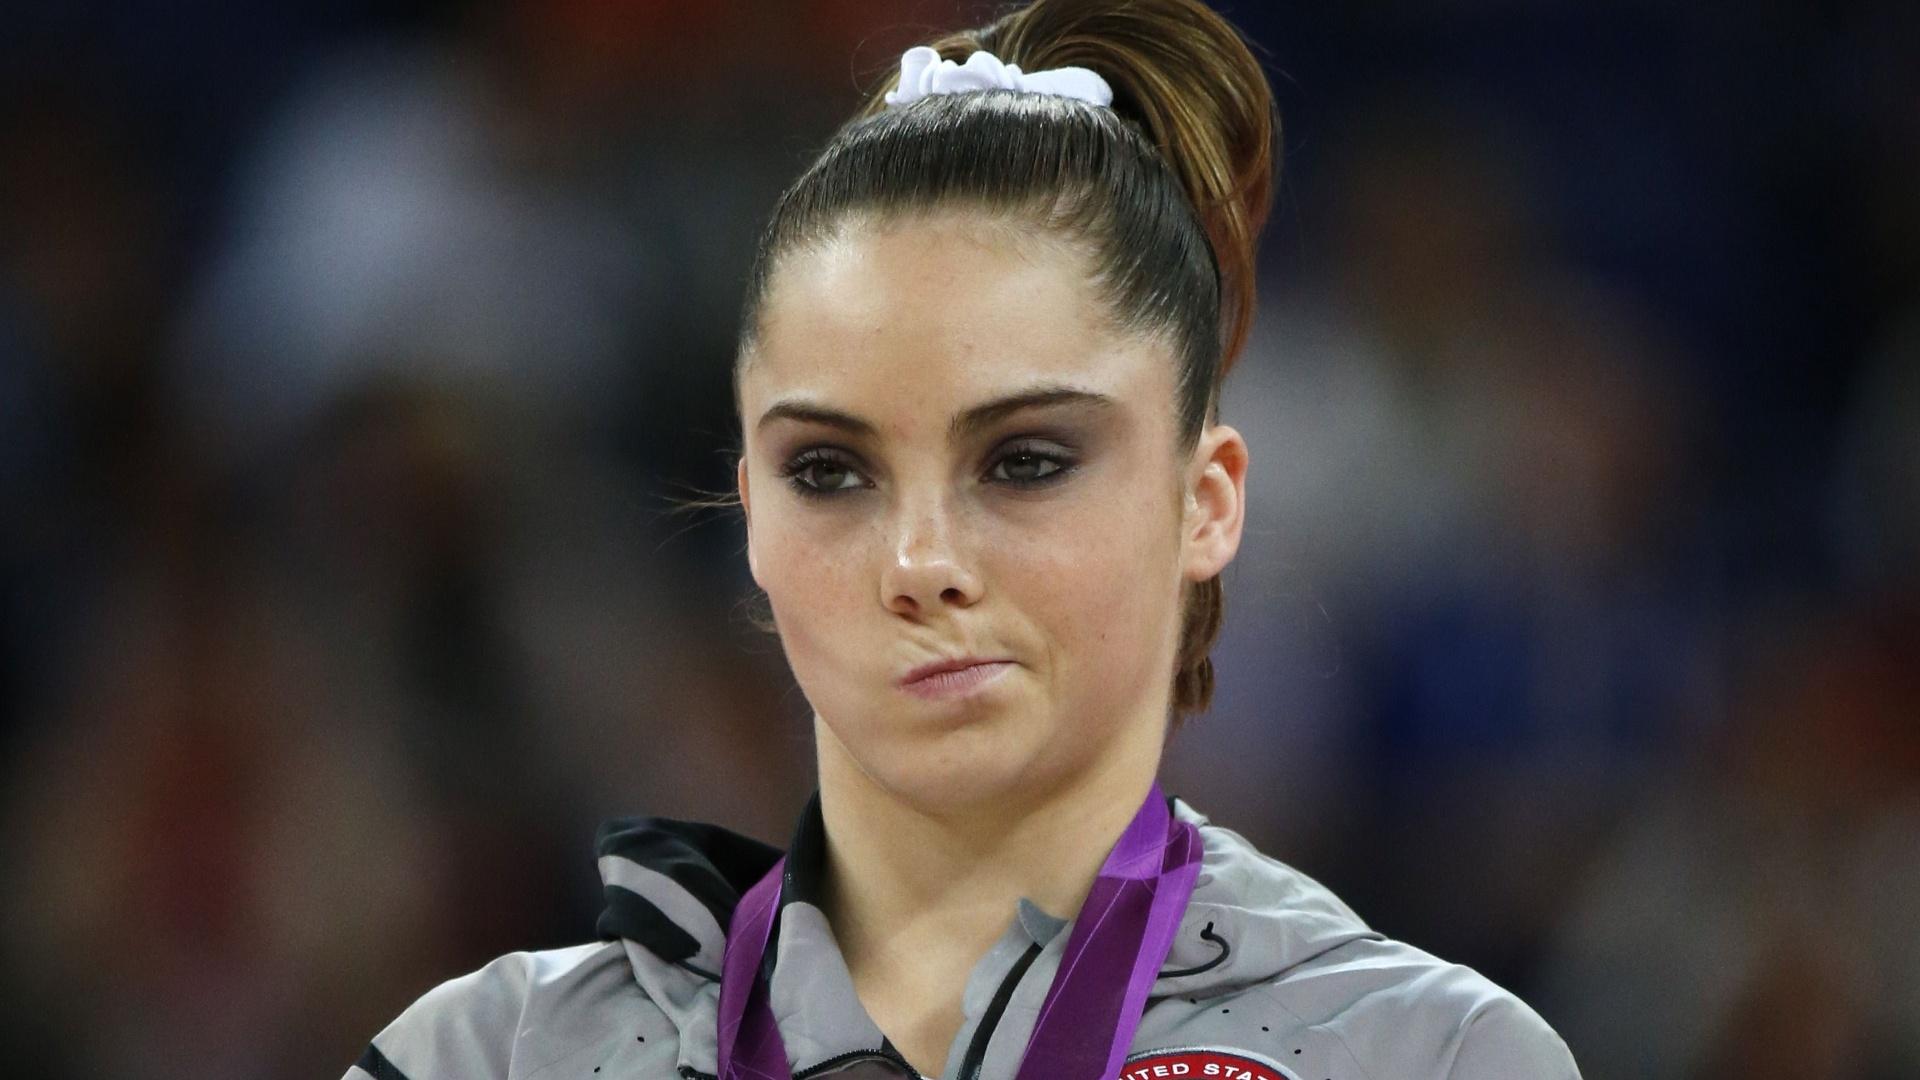 De cara amarrada, norte-americana McKayla Maroney fica com a medalha de prata da final de salto; ela era a favorita, mas sofreu uma queda e perdeu o ouro